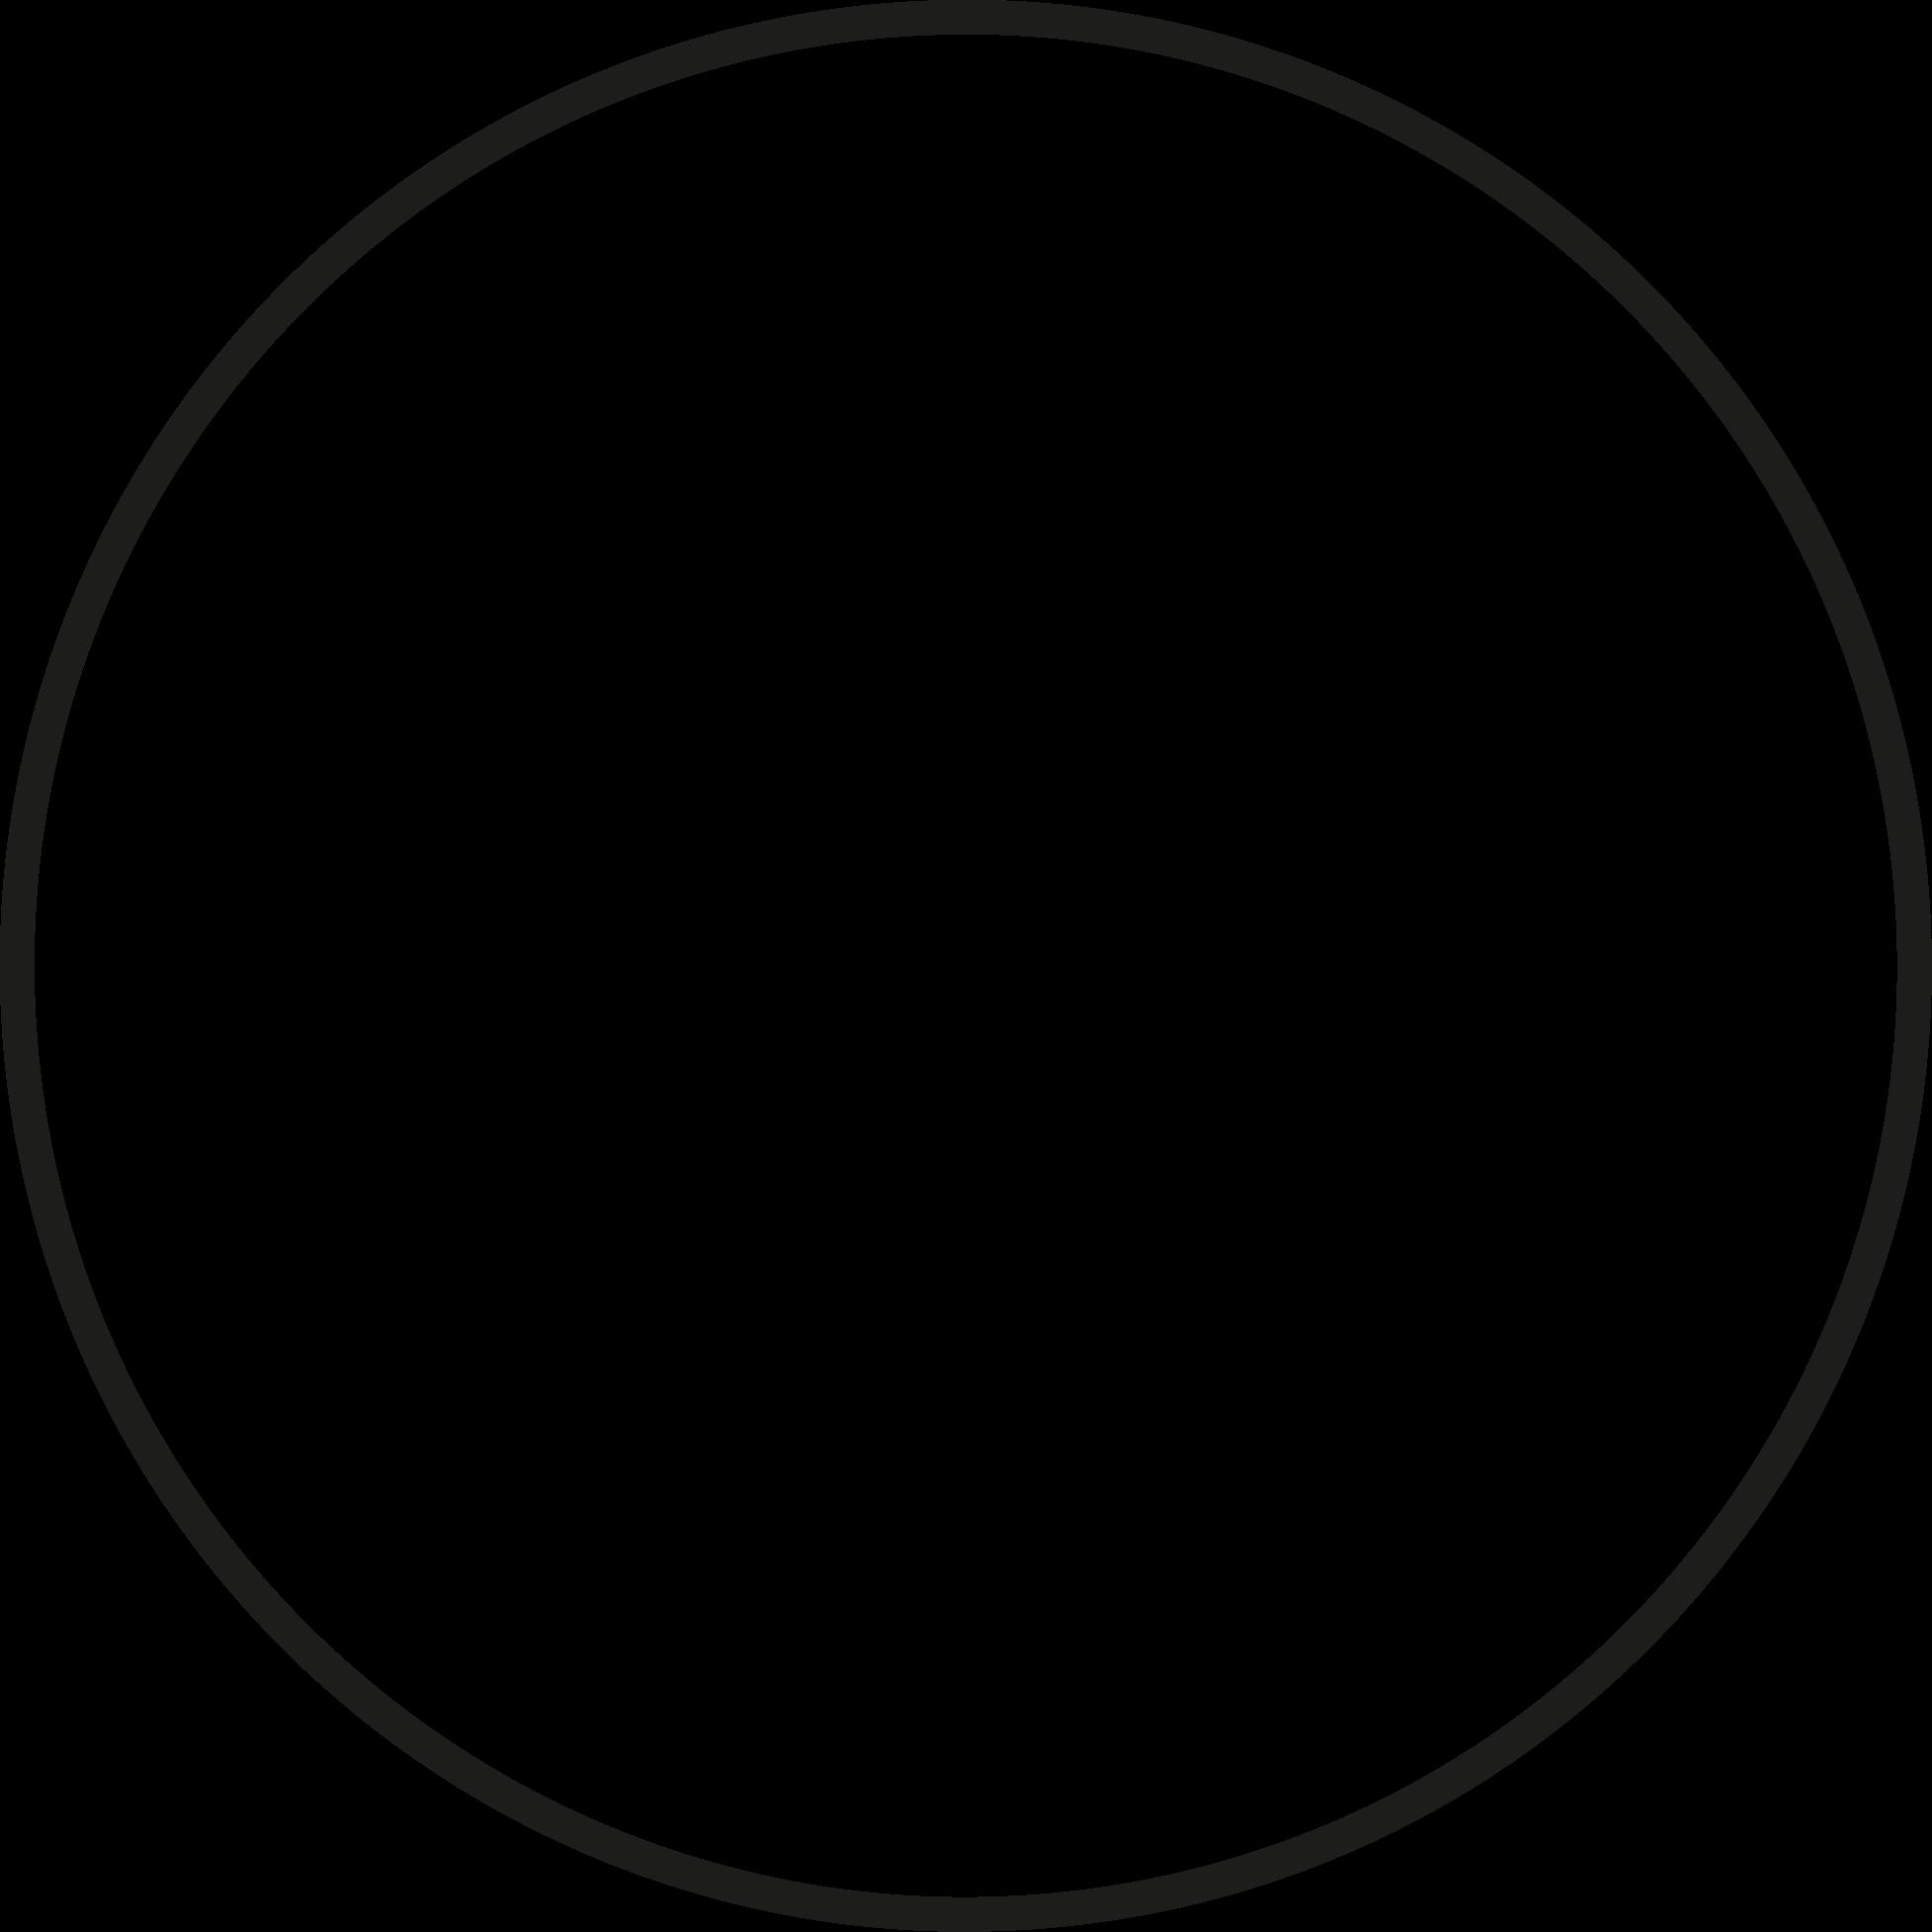 Das Gramm Logo